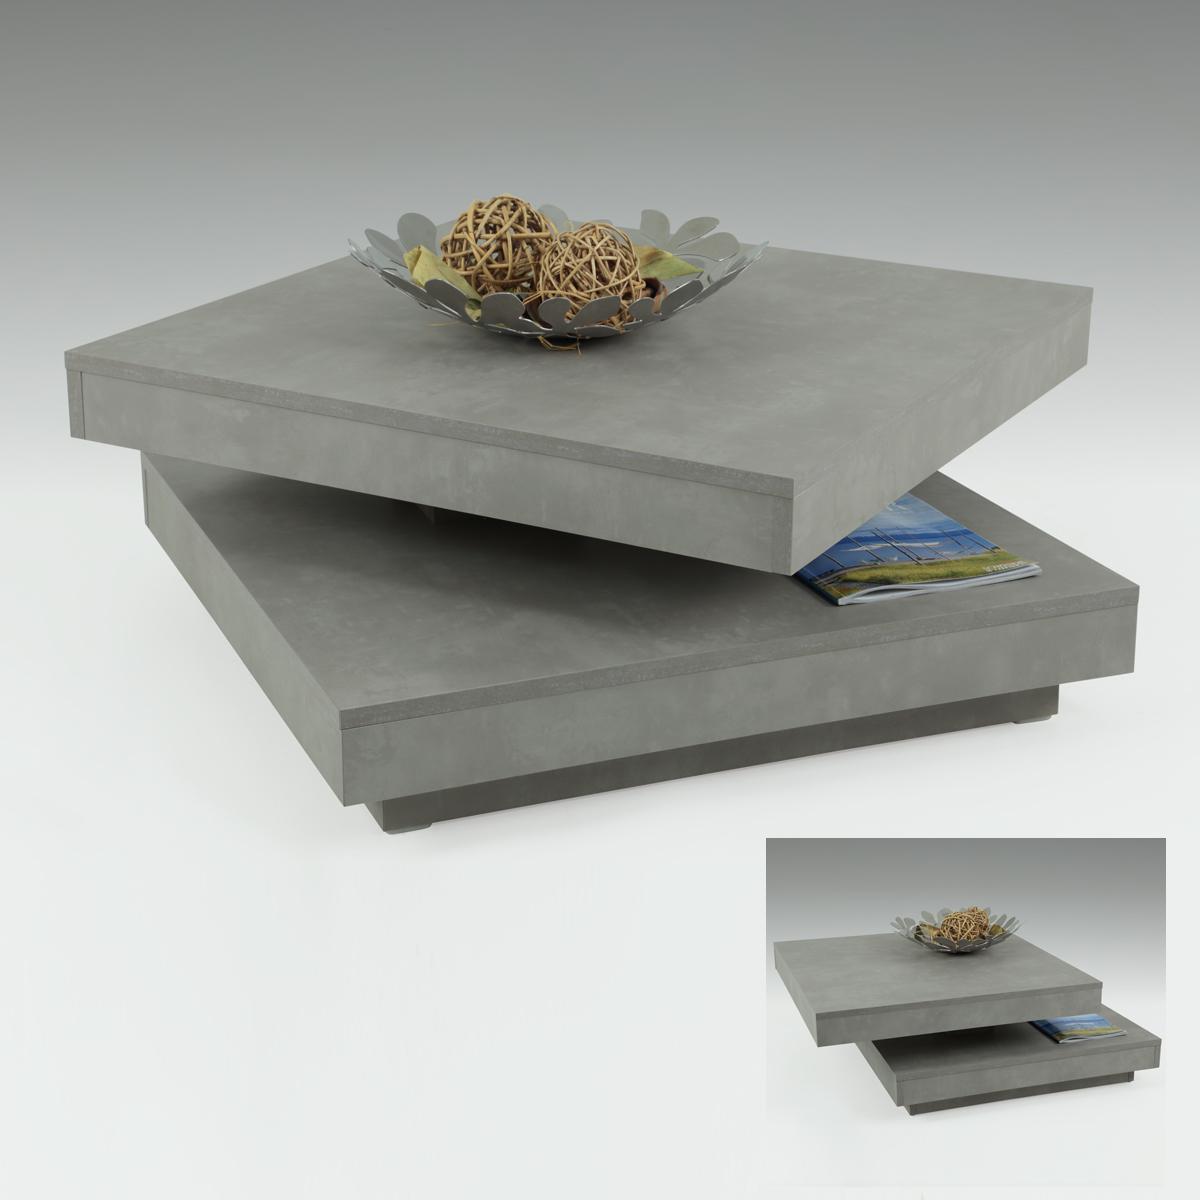 couchtisch ben in betonoptik tisch 360 drehbar beistelltisch wohnzimmertisch ebay. Black Bedroom Furniture Sets. Home Design Ideas